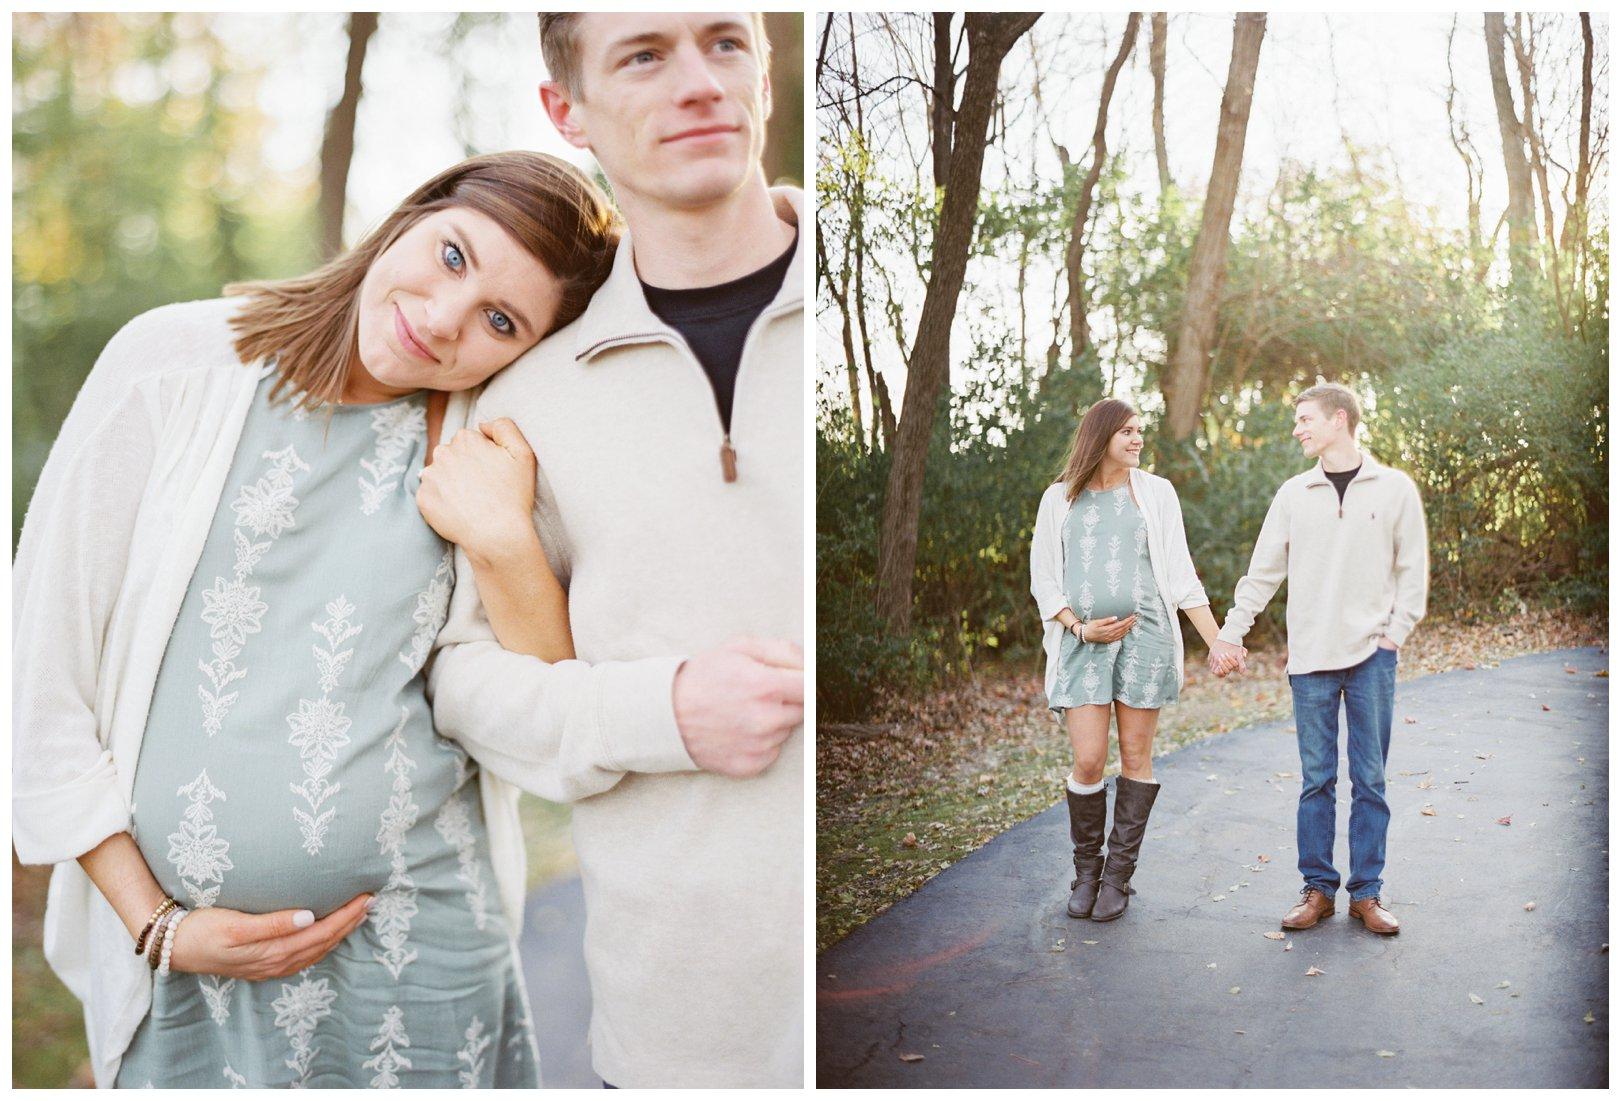 lauren muckler photography_fine art film wedding photography_st louis_photography_0908.jpg